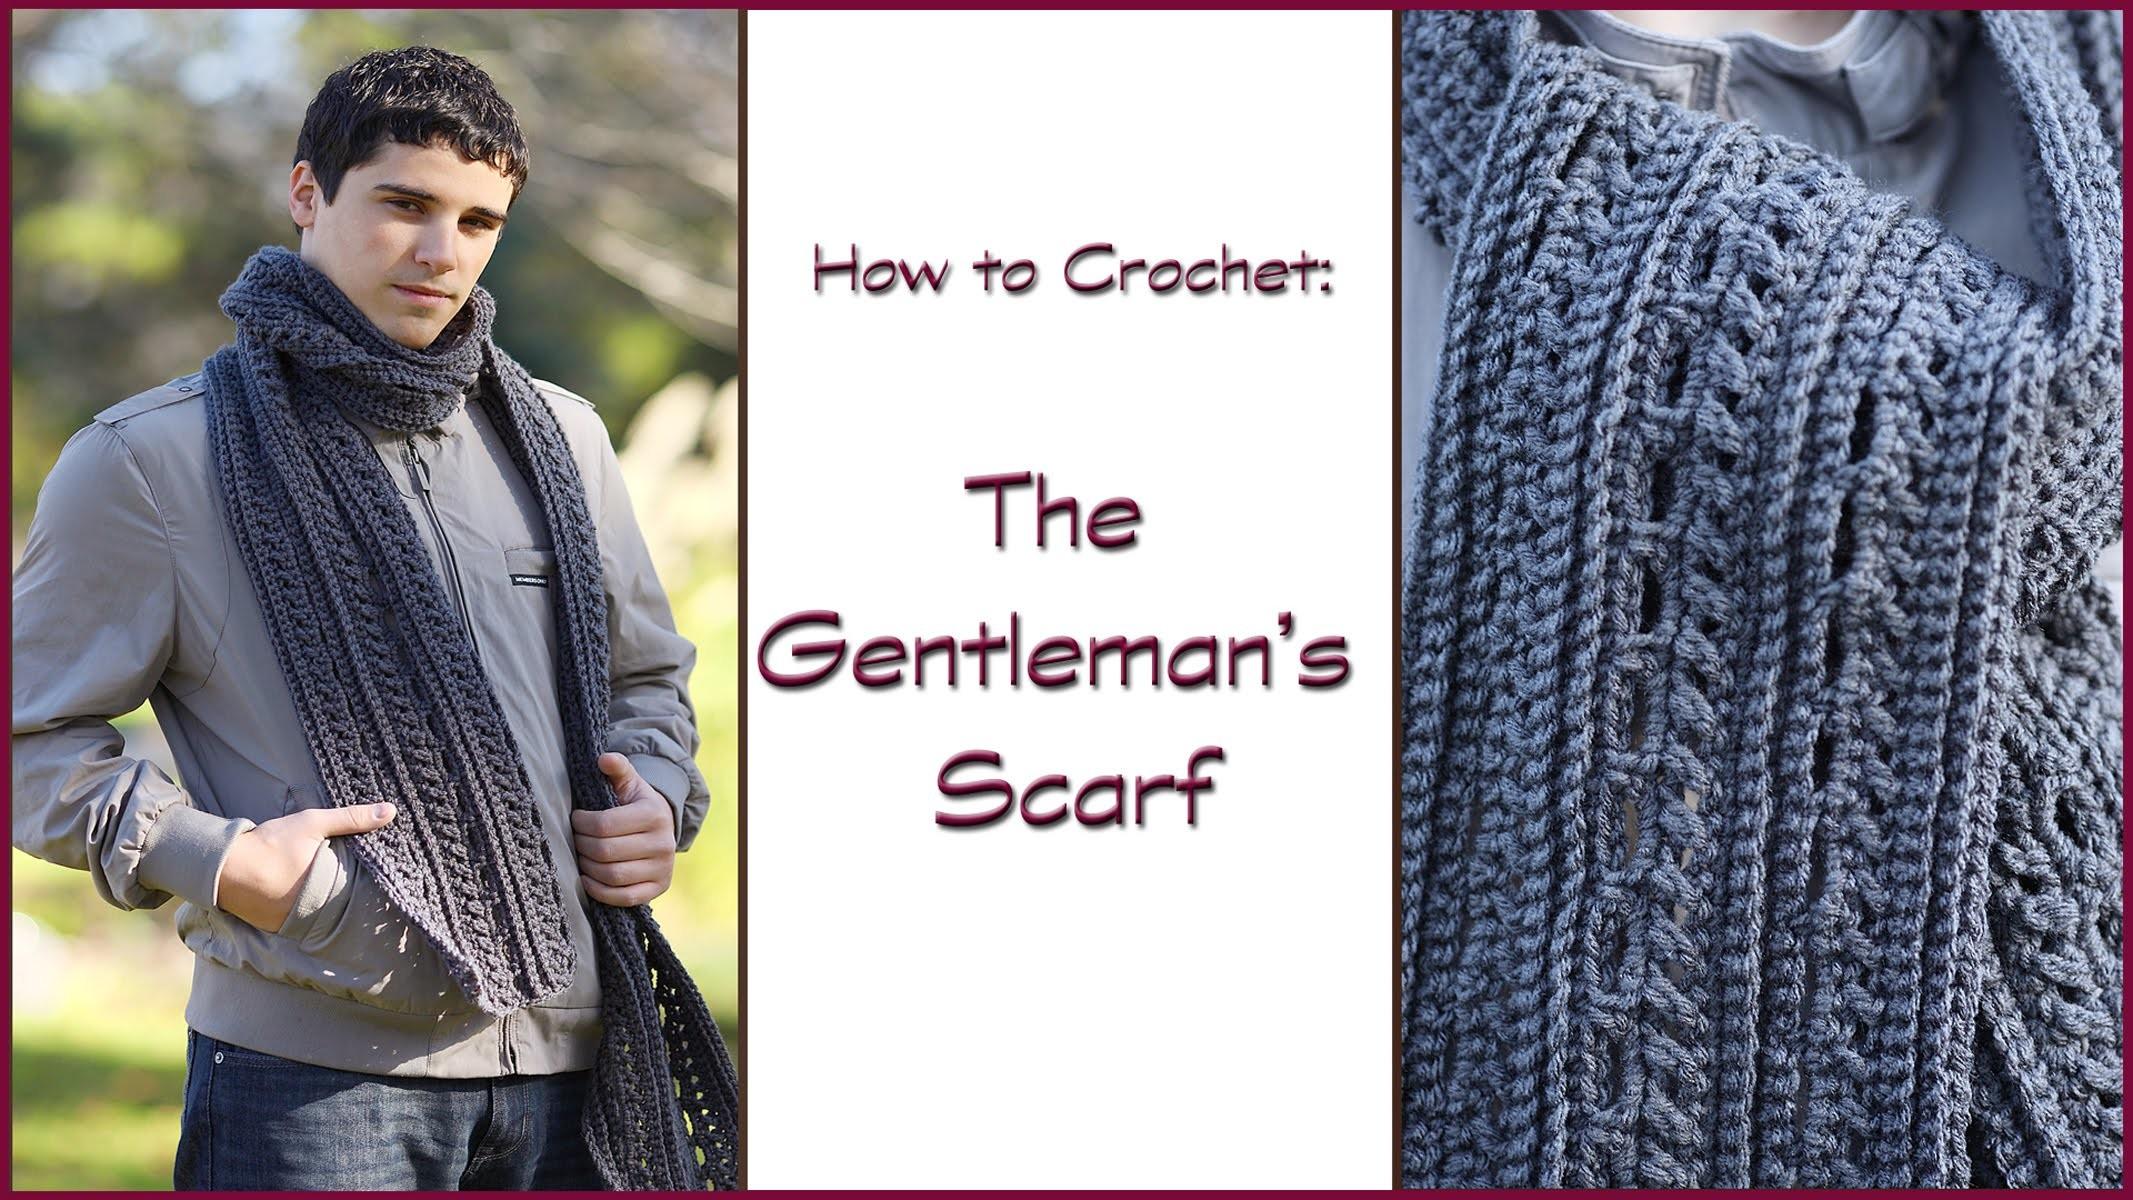 How to Crochet the Gentleman's Scarf